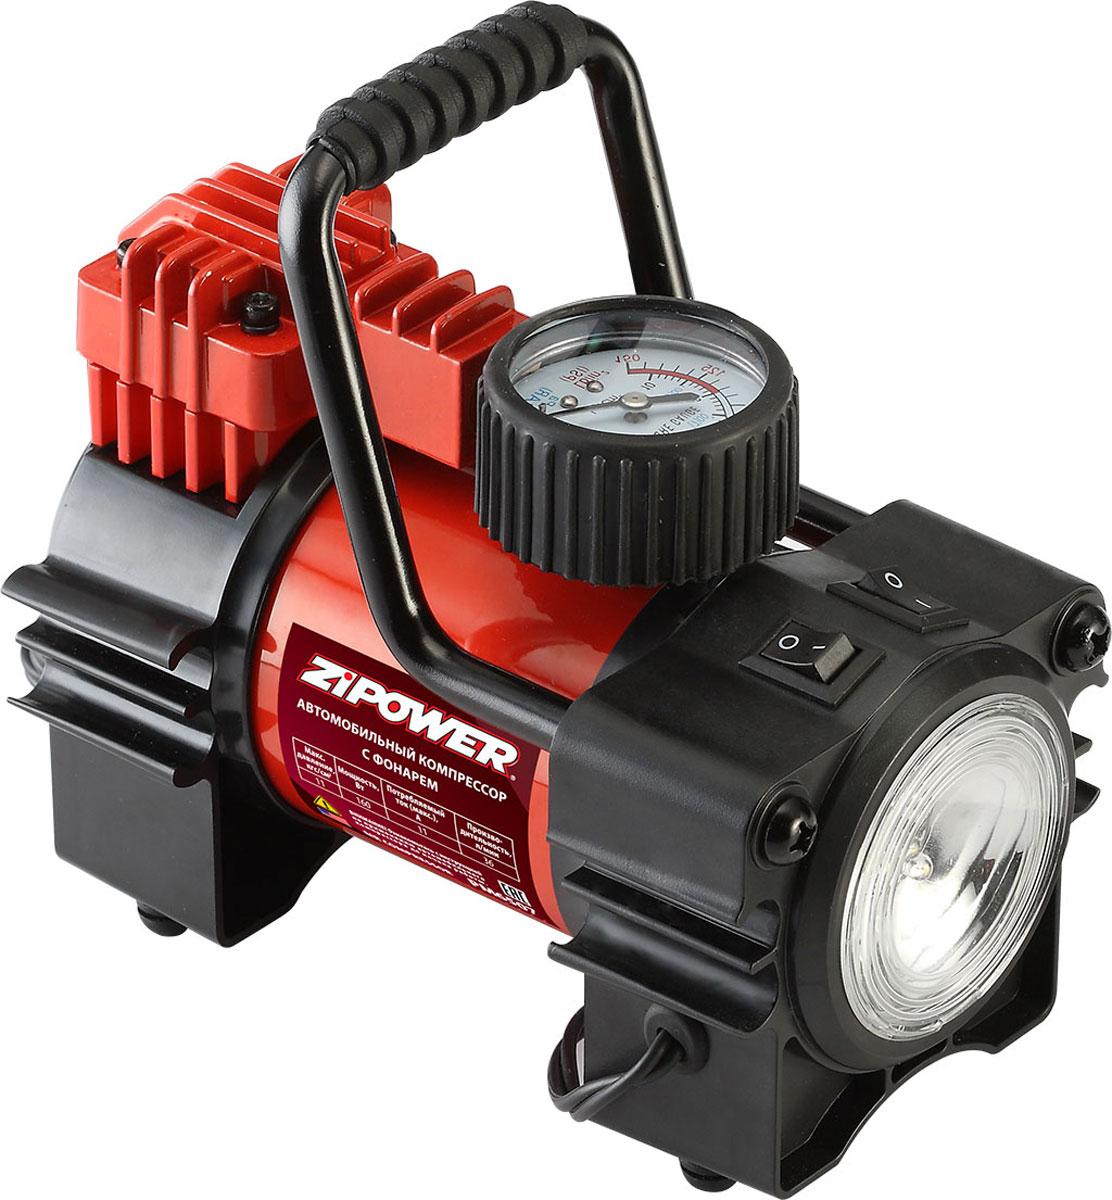 Компрессор автомобильный Zipower. PM 6507PM 6507Автомобильный компрессор позволяет накачать колесо автомобиля или же проверить в нем давление. Работает от прикуривателя (12 В). Компрессор обладает высокой производительностью, что позволяет быстро накачать колесо. Широкая комплектация позволяет накачать различные надувные изделия и запитать компрессор от аккумулятора. Встроенный фонарь позволяет производить работы в темное время суток. Напряжение: 12 В. Мощность: 160 Вт. Максимальное давление: 11 атм. Производительность: 36 л/мин. Длина шланга - 125 см. Зажимы для питания от АКБ в комплект не входят.